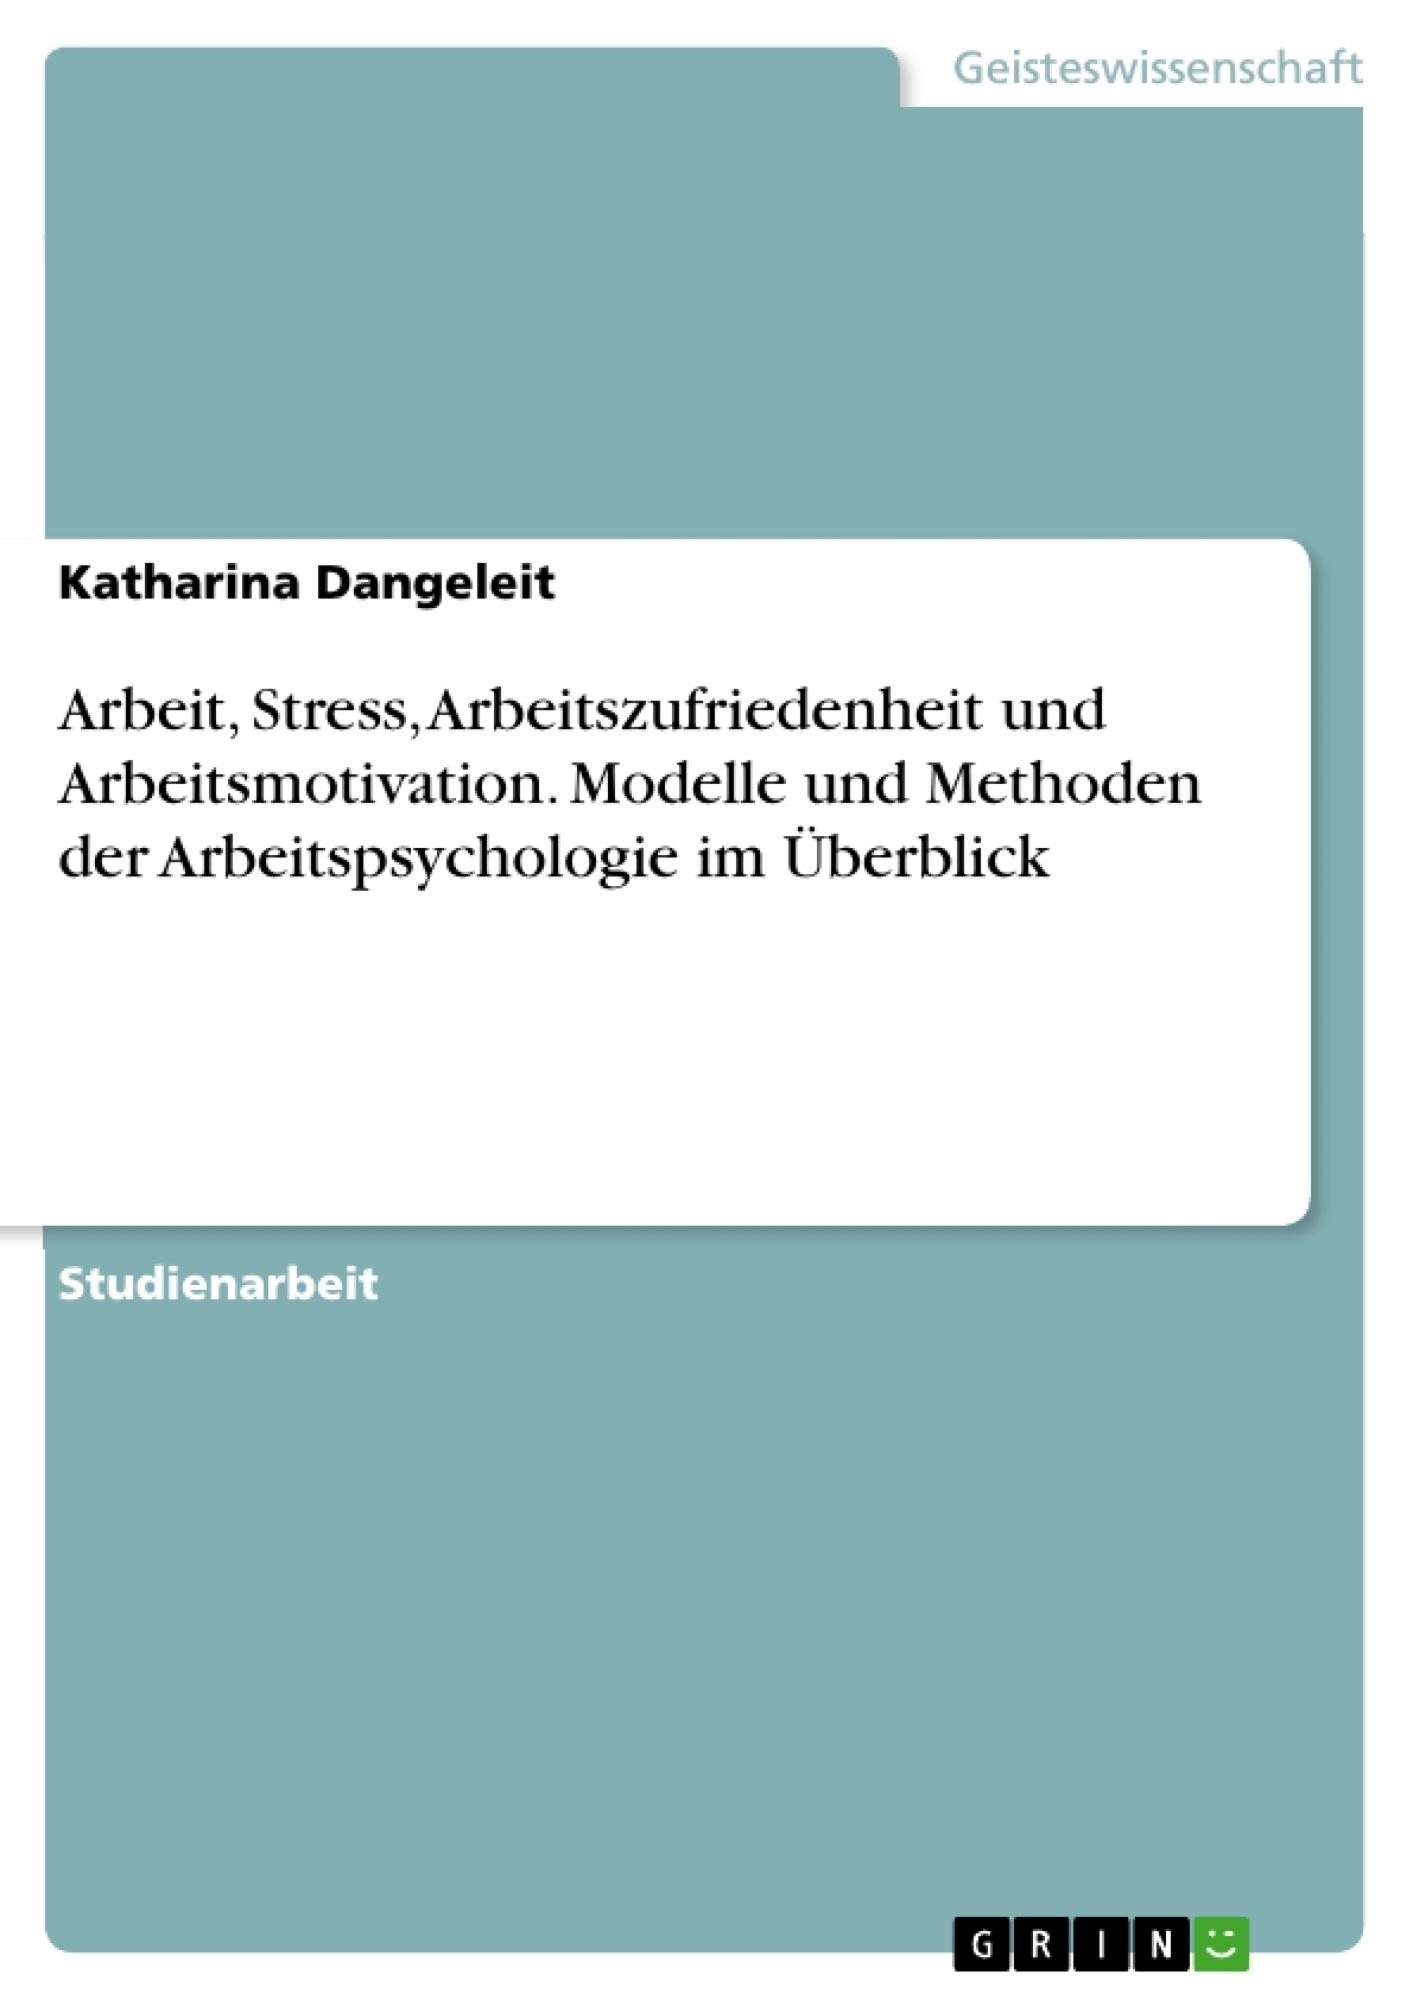 Titel: Arbeit, Stress, Arbeitszufriedenheit und Arbeitsmotivation. Modelle und Methoden der Arbeitspsychologie im Überblick